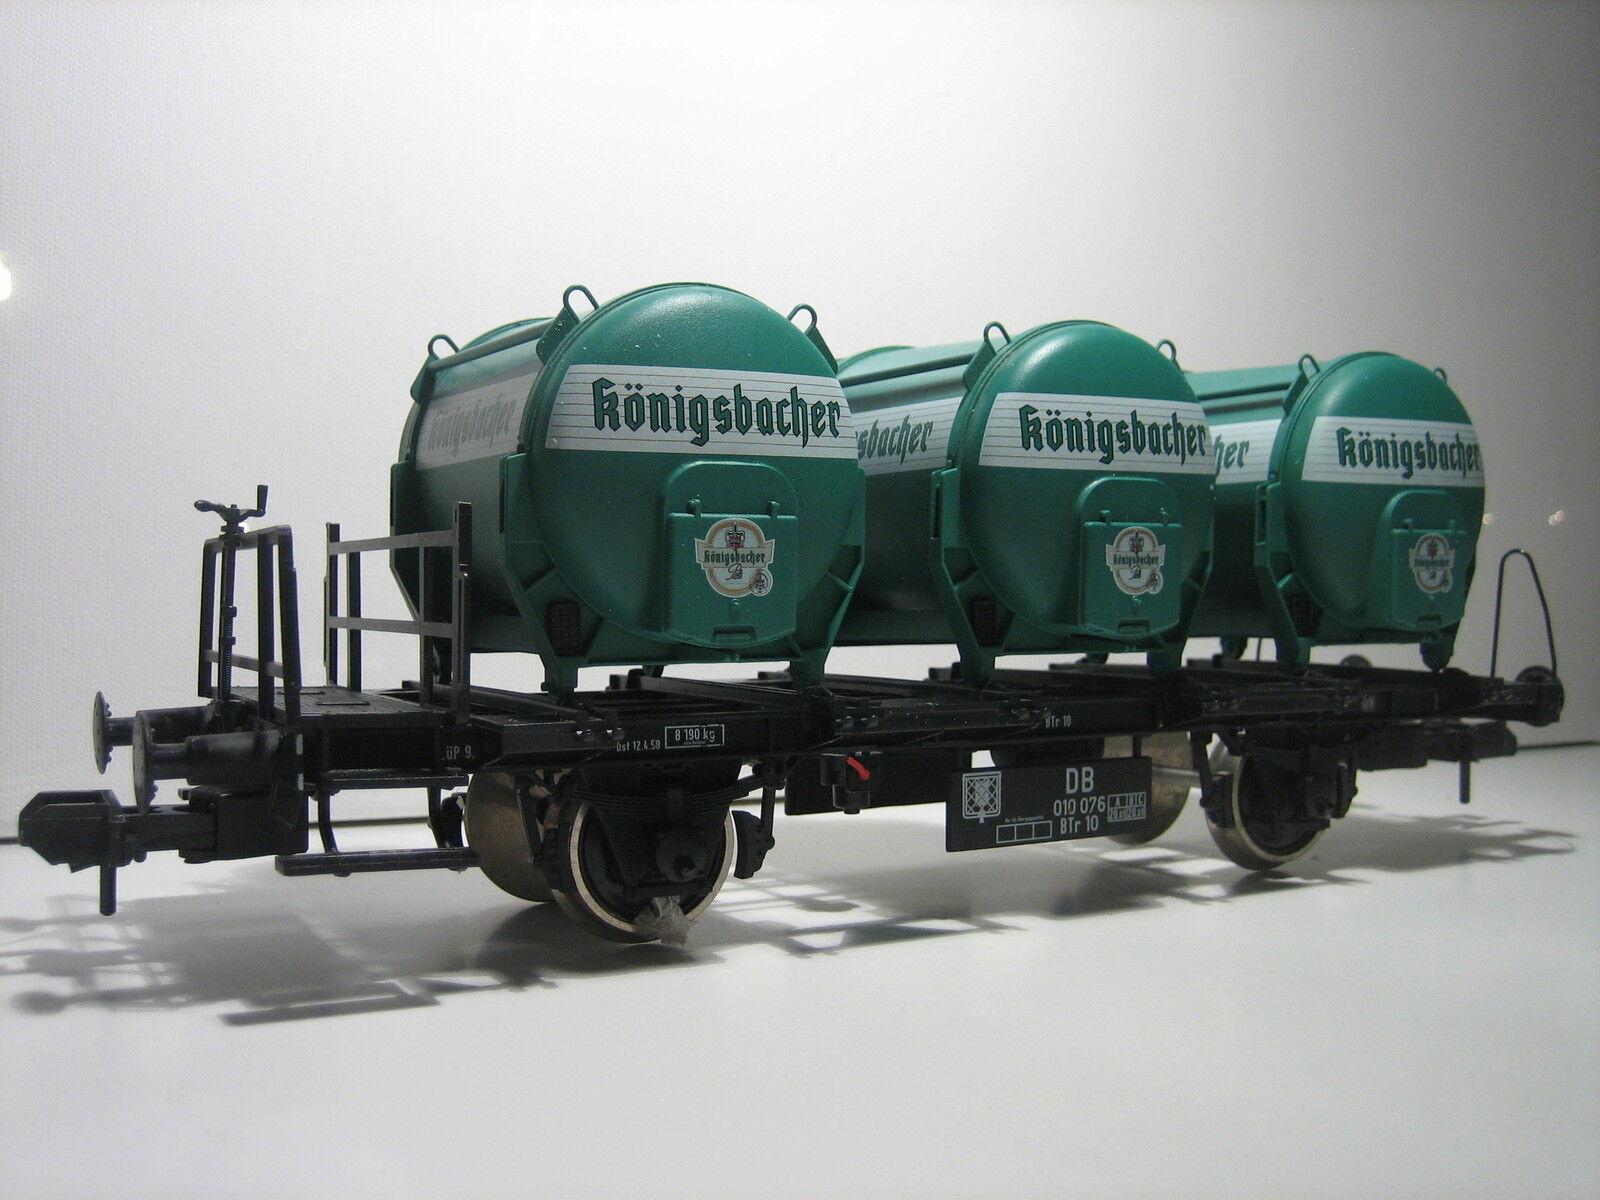 58321 traccia 1 Königsbacher contenitore carro carro merci perfette condizioni